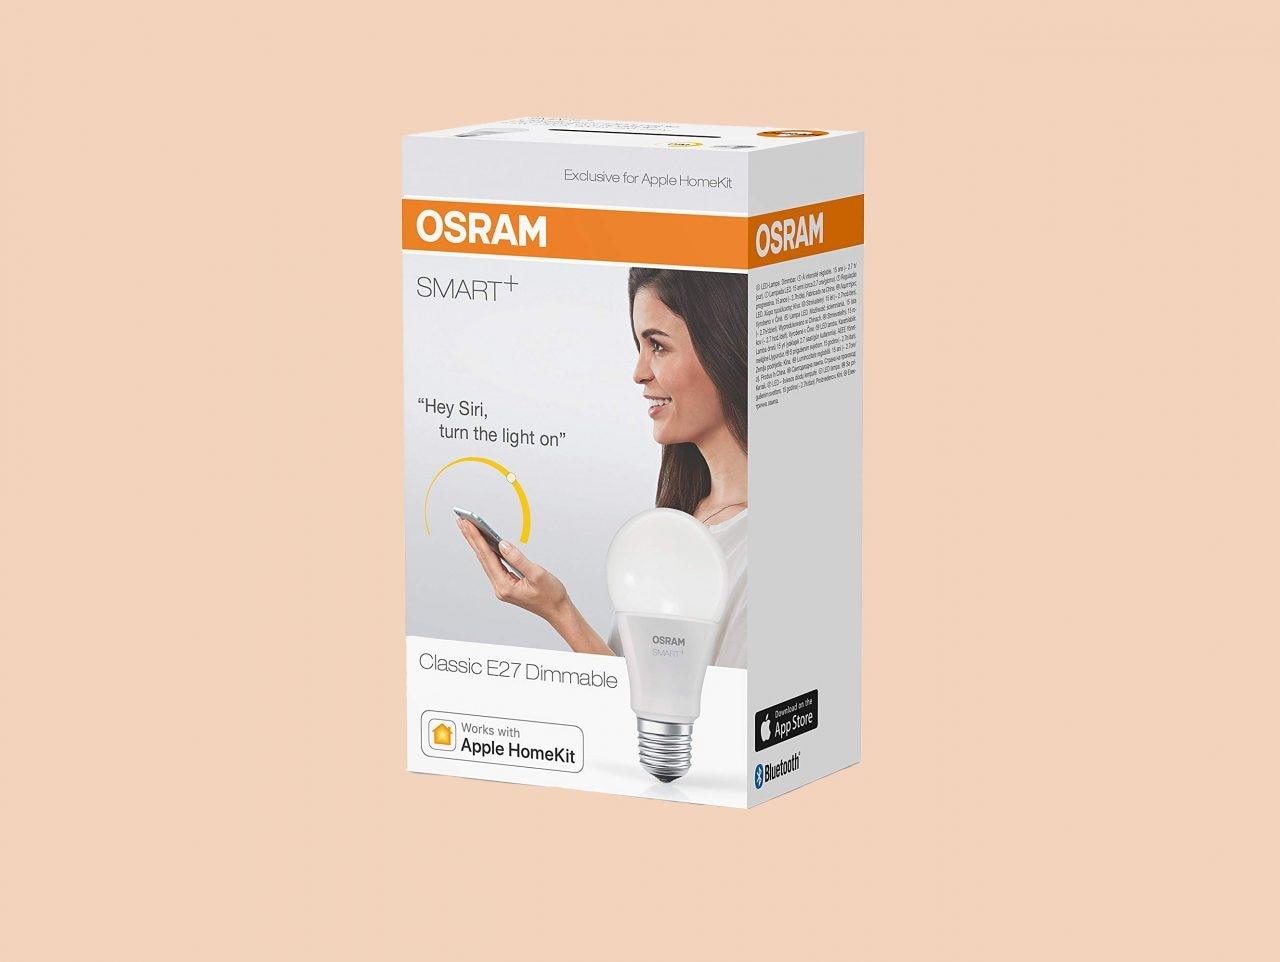 Cercate lampadine smart? Su Amazon ci sono le Osram SMART+ a prezzo scontato